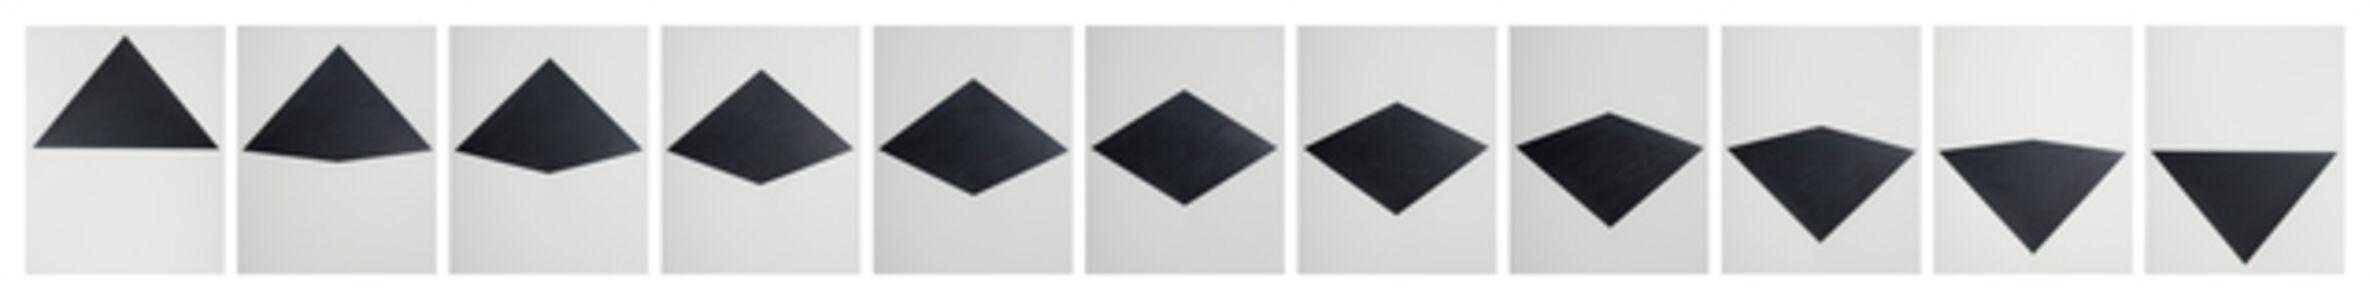 Estudio sobre triángulo (inversión 2)